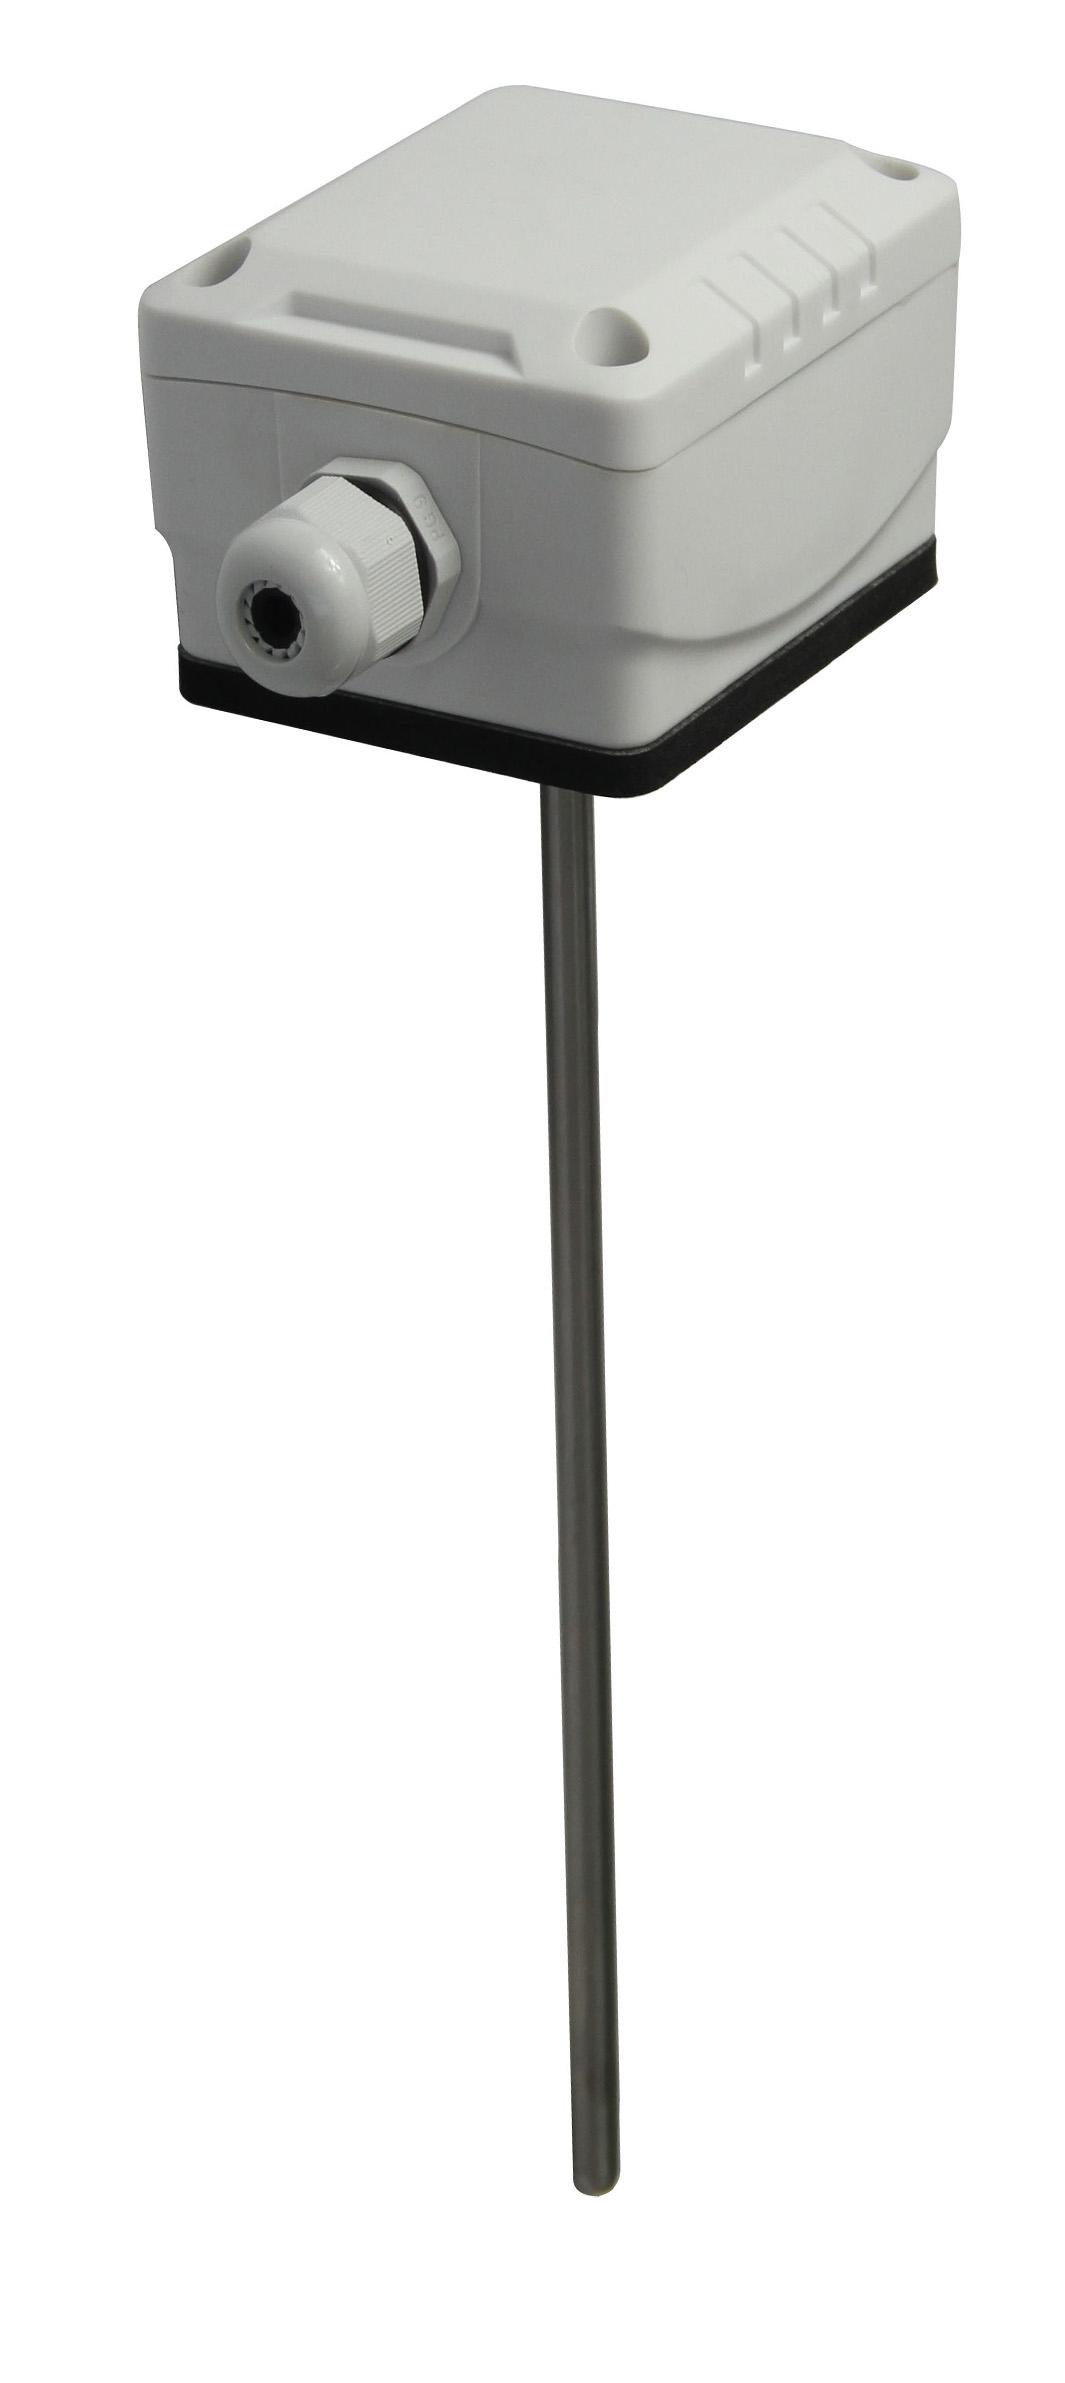 Duct Control Lever : Duct temperature sensor bravo controls